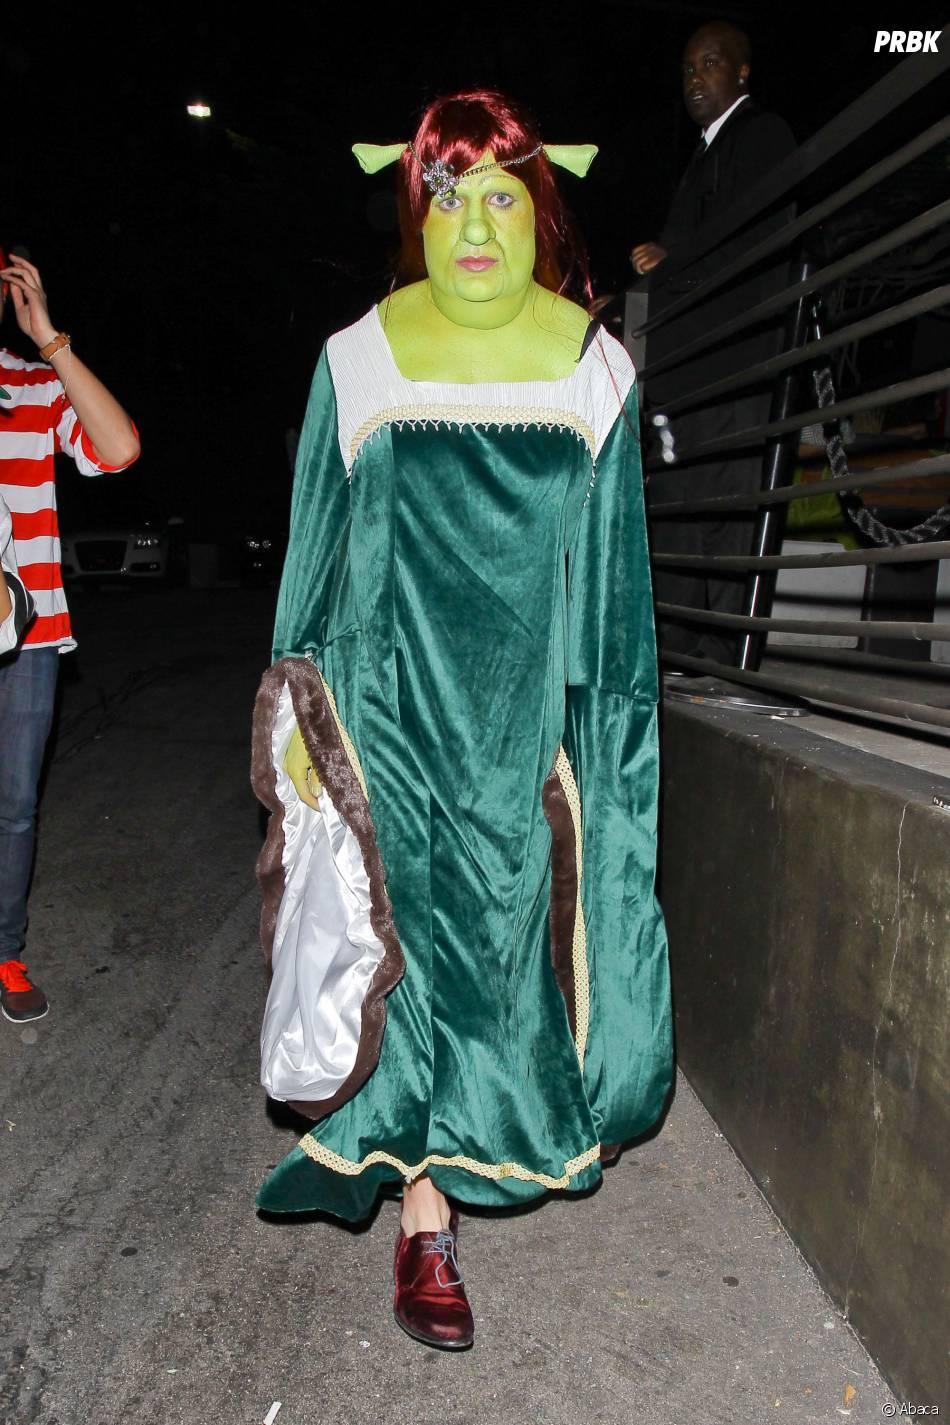 Colton Haynes : déguisement bluffant en Fiona de Shrek pour Halloween 2014